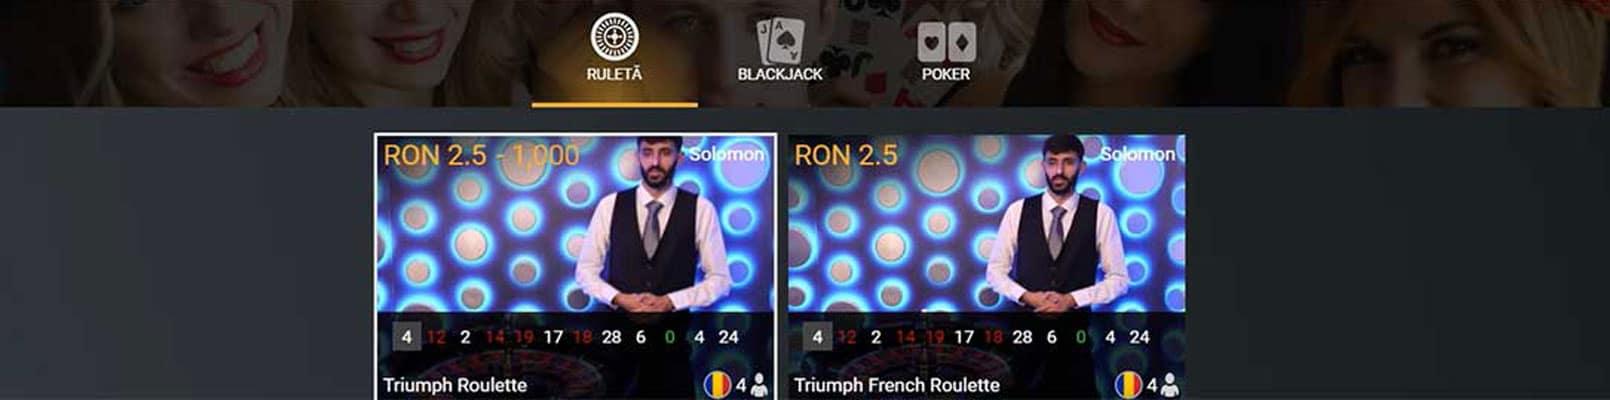 jocuri de ruleta casa pariurilor live